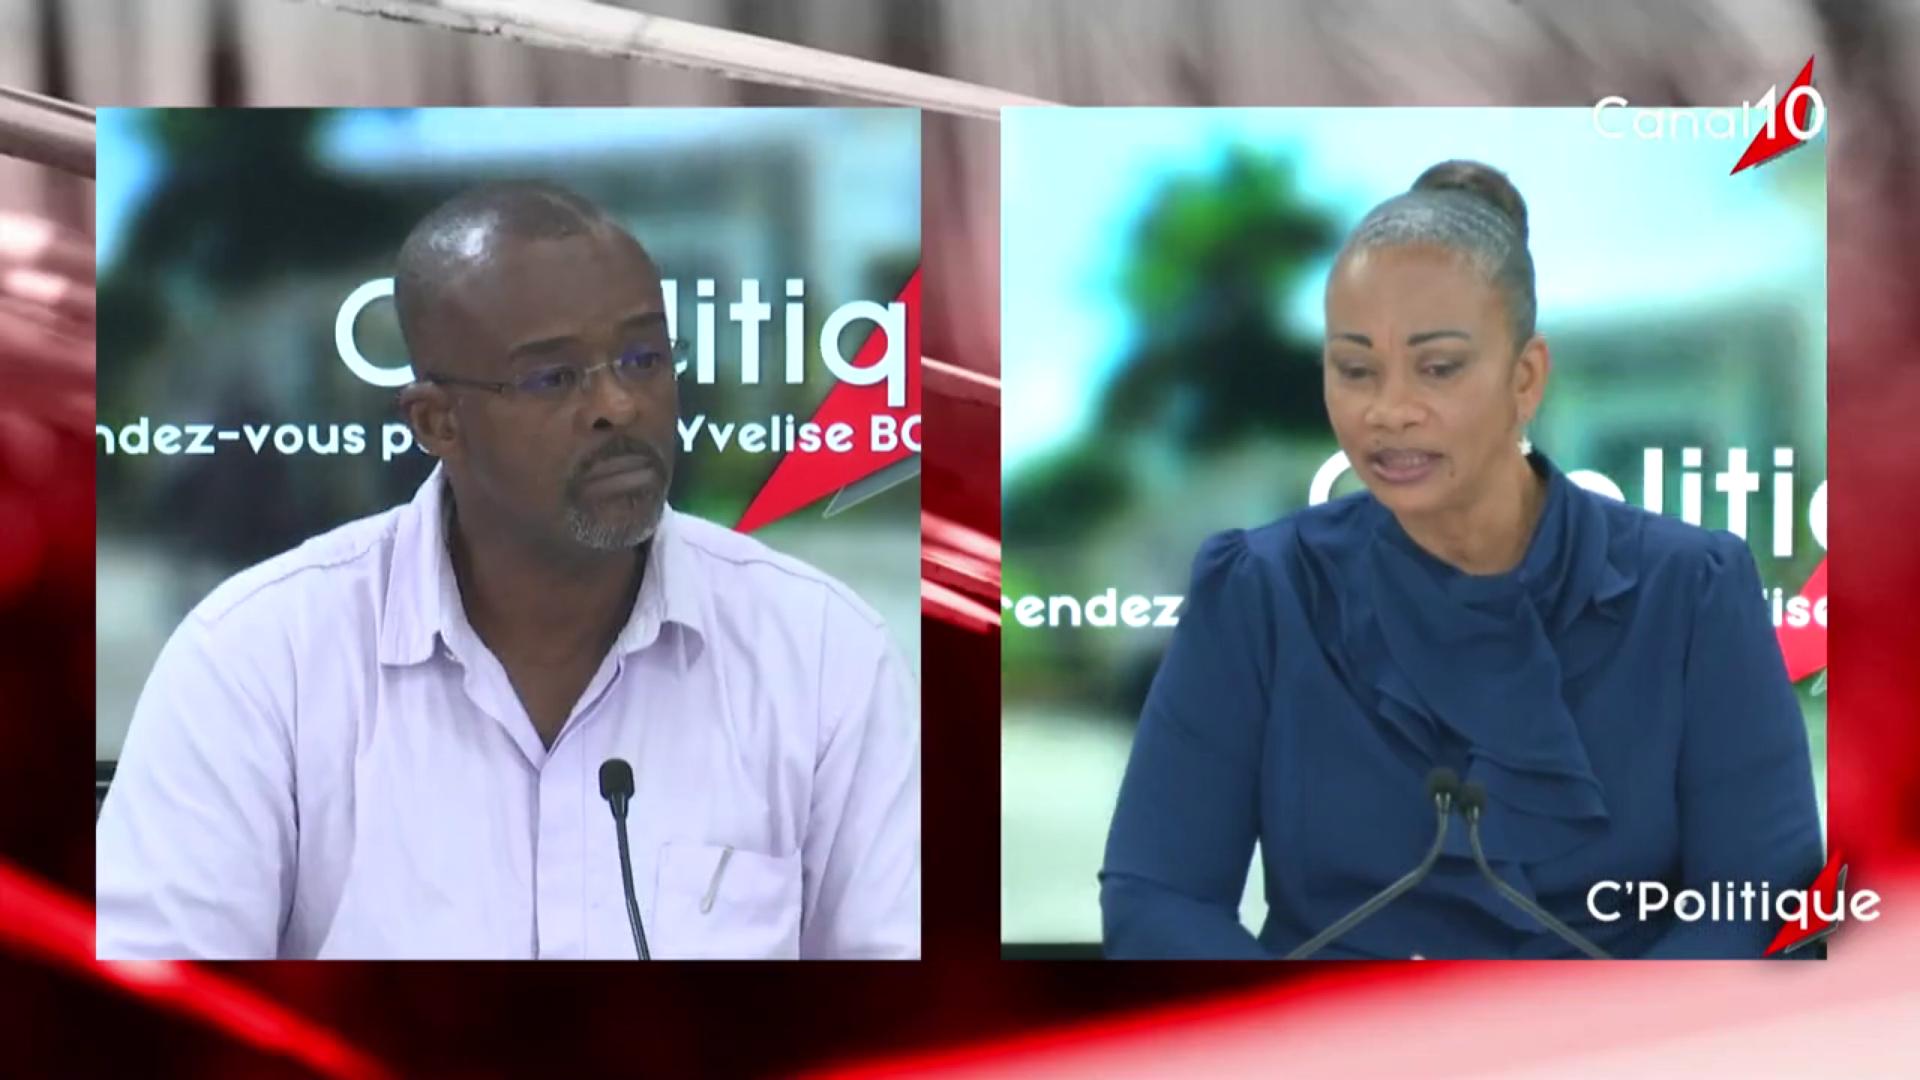 [Vidéo] Onews Guadeloupe. Onews Guadeloupe. Ary CHALUS Président de la Région  invité de C Politique (Yvelise BOISSET)